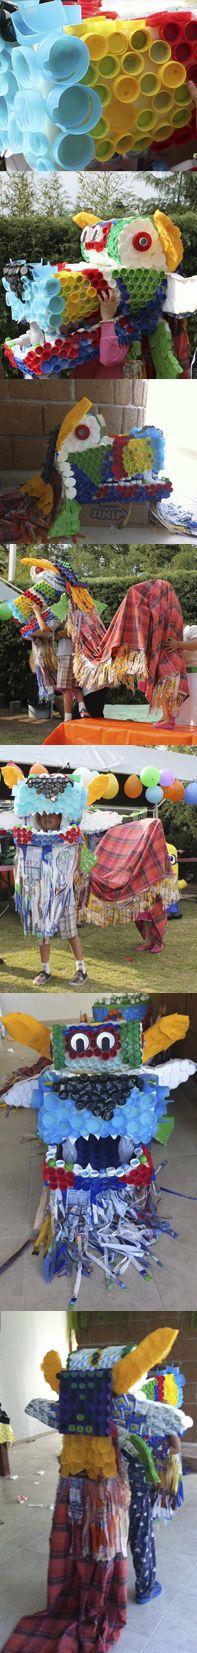 DRAGON CHINO (material reciclado) ocupe taparoscas de refrescos de muchos colores, también para la barba bolsa de pan bimbo. La parte de adentro de la boca puse un cartón de huevos. Para la cola, utilice una sabana vieja y para los flecos ocupe bolsas de tortillas tía rosa. GANE CON ESTE DISFRAZ!!!